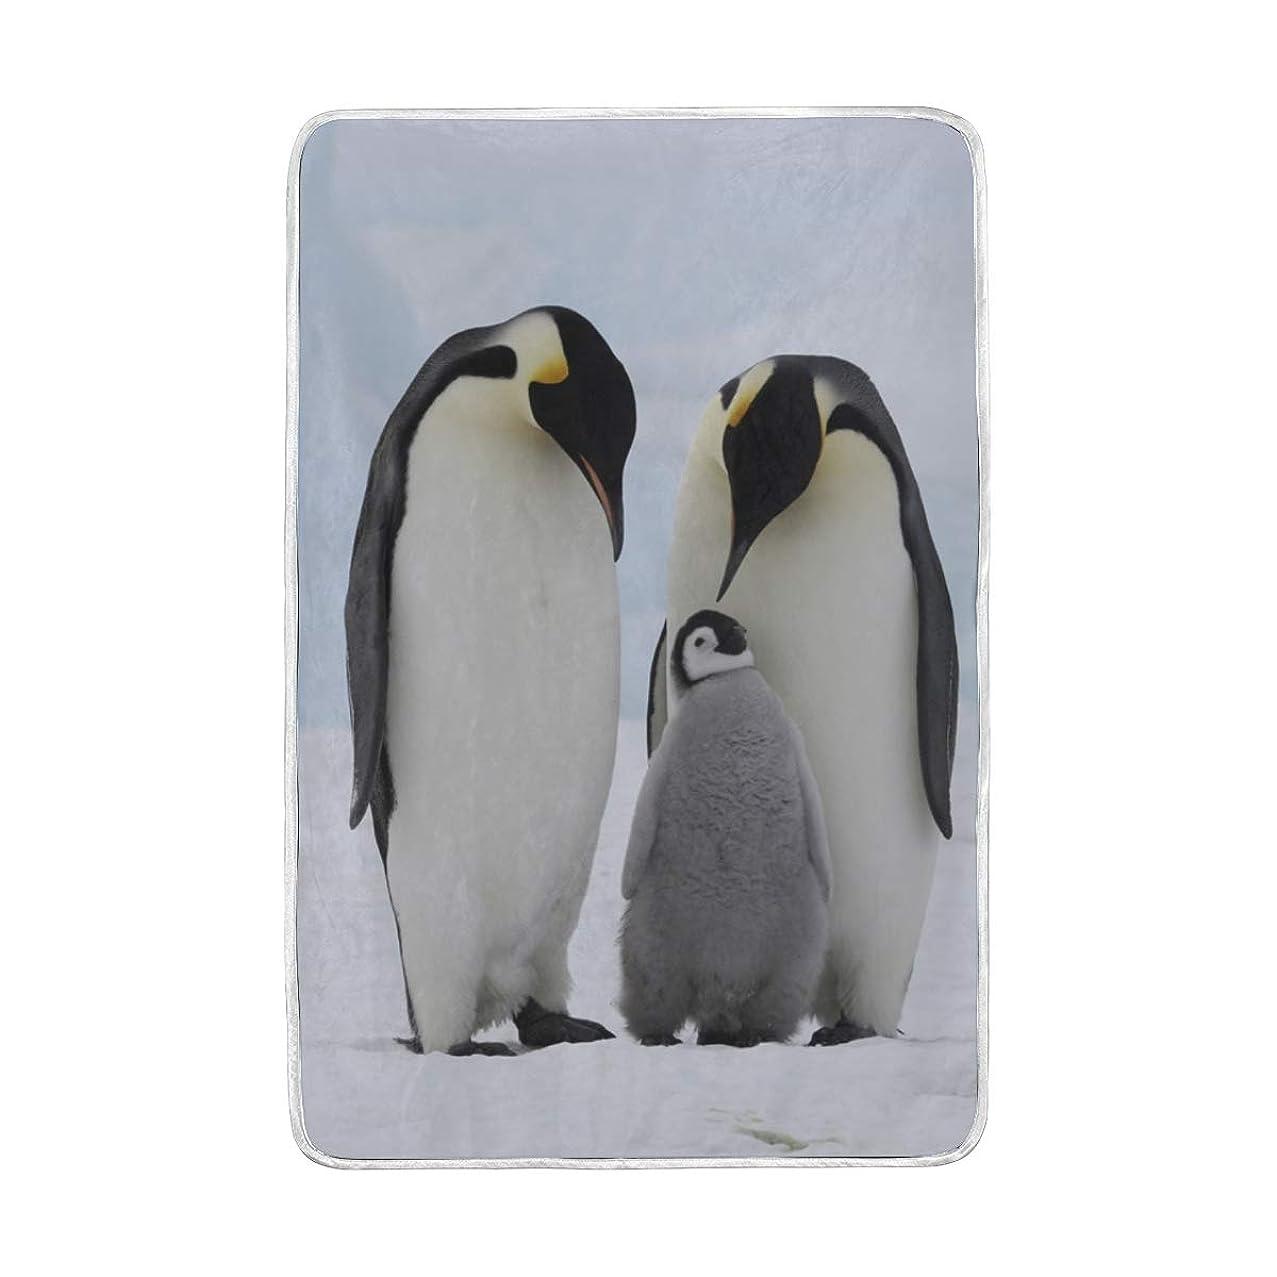 誤家事をする限界毛布 ペンギン シングル ダブル 2枚合わせ 暖かい 軽い セミダブル 発熱 ブランケット 大判 マイクロファイバー 柔らか 保温 洗える 150x230